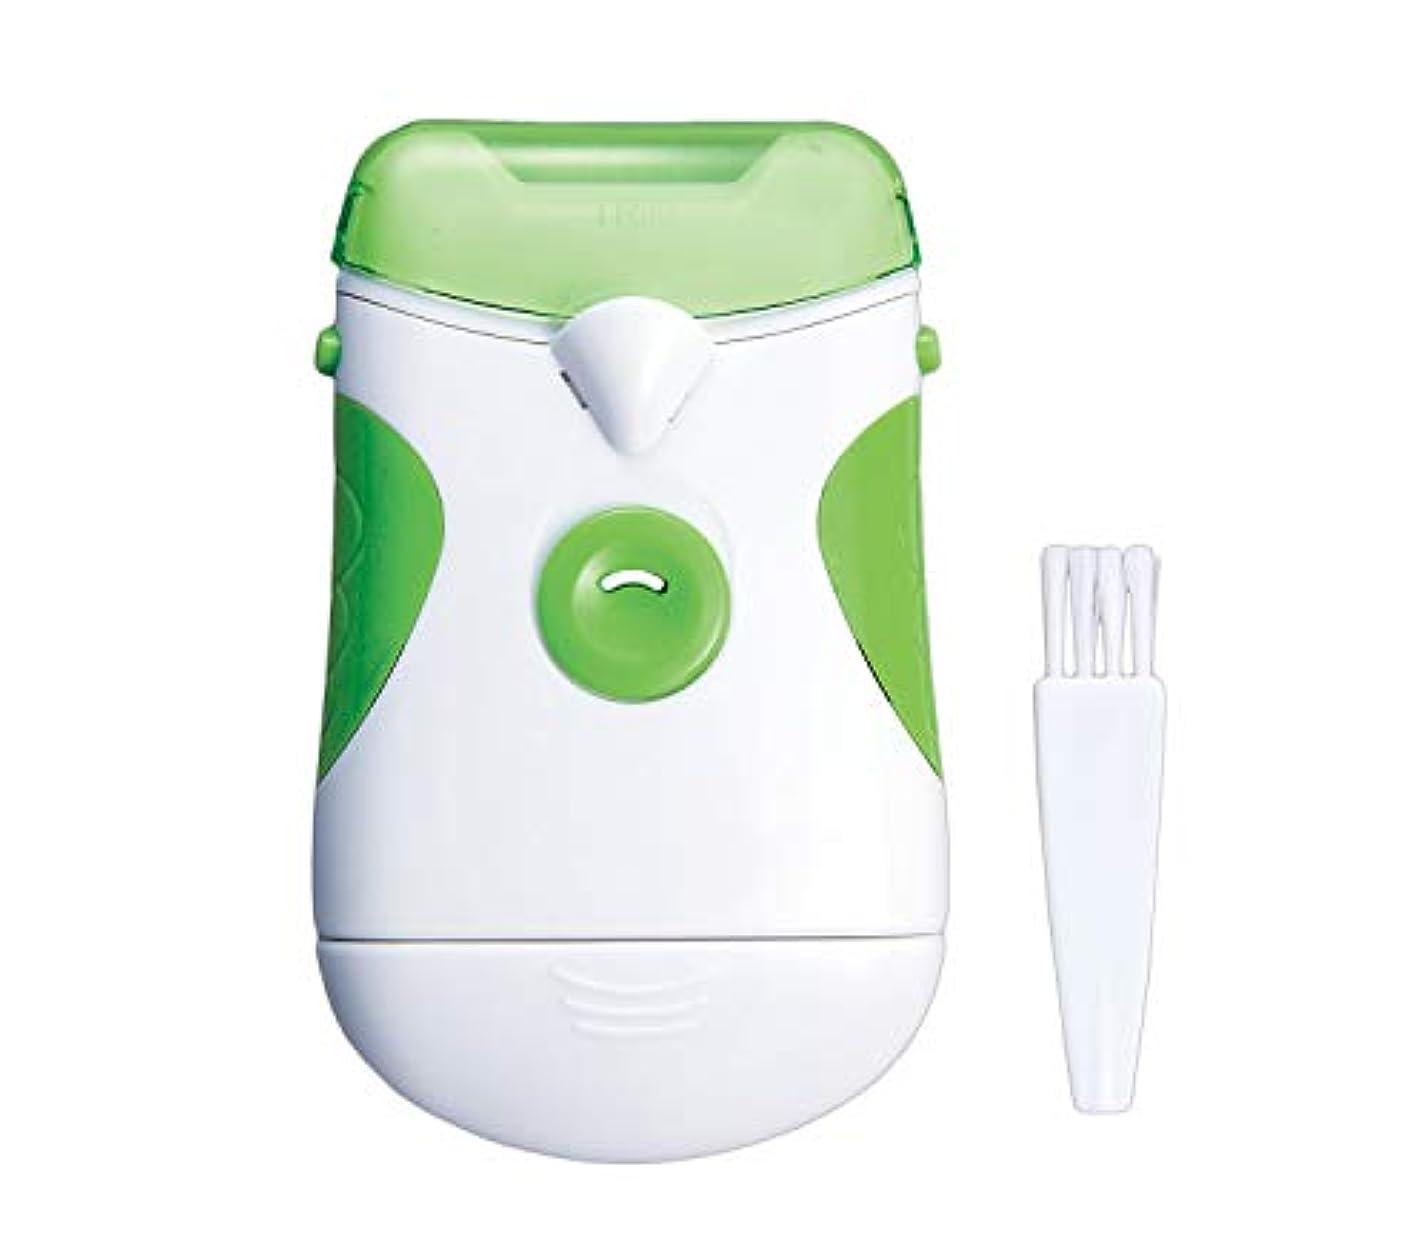 隔離する電気二十電動爪やすり(ライト付) つめやすり 電池式 コードレス 足の爪 老眼 ネイルケア 水洗い可 単三乾電池